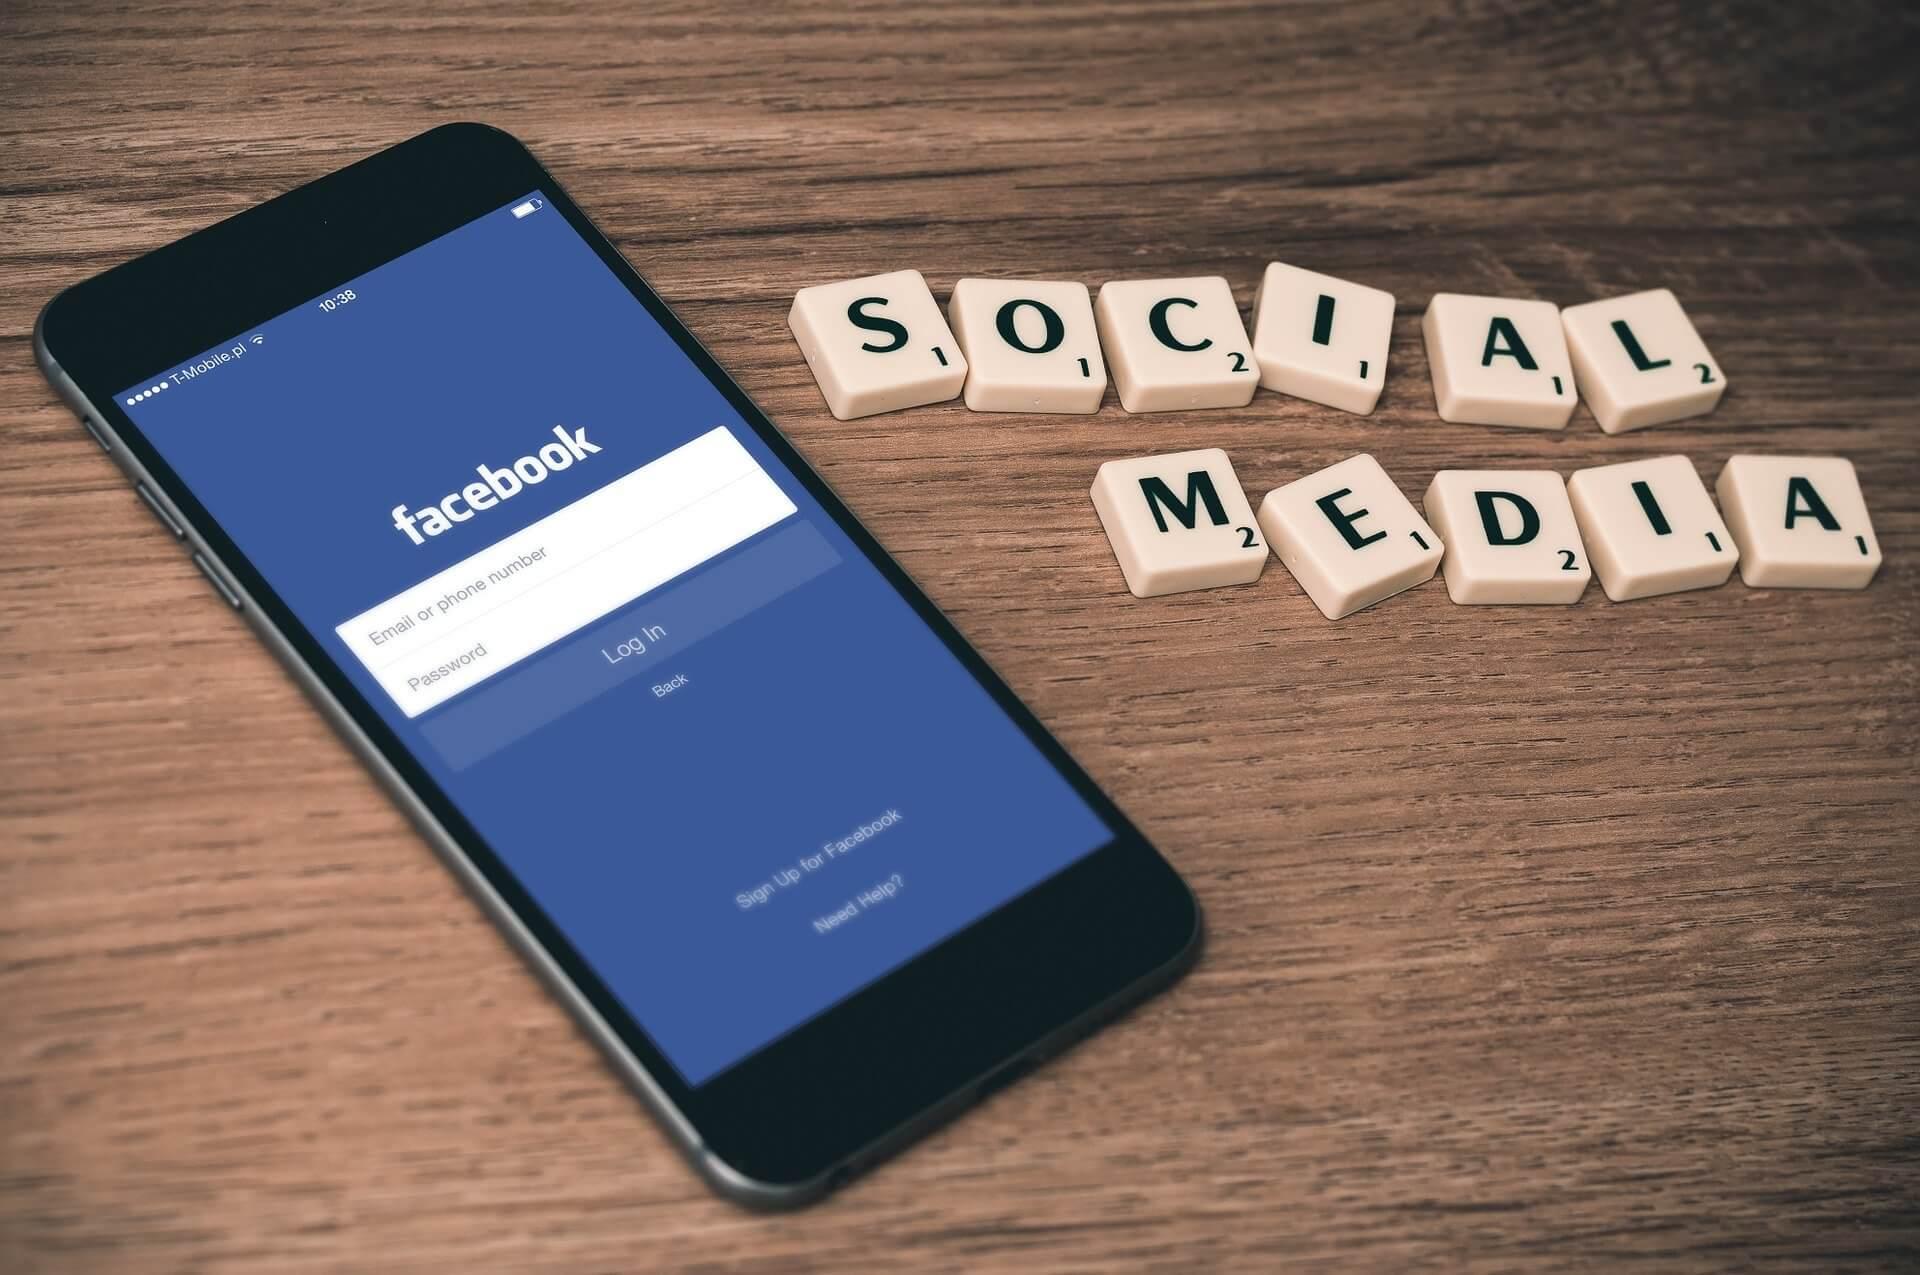 קידום אתרים בפייסבוק - תמונה 1